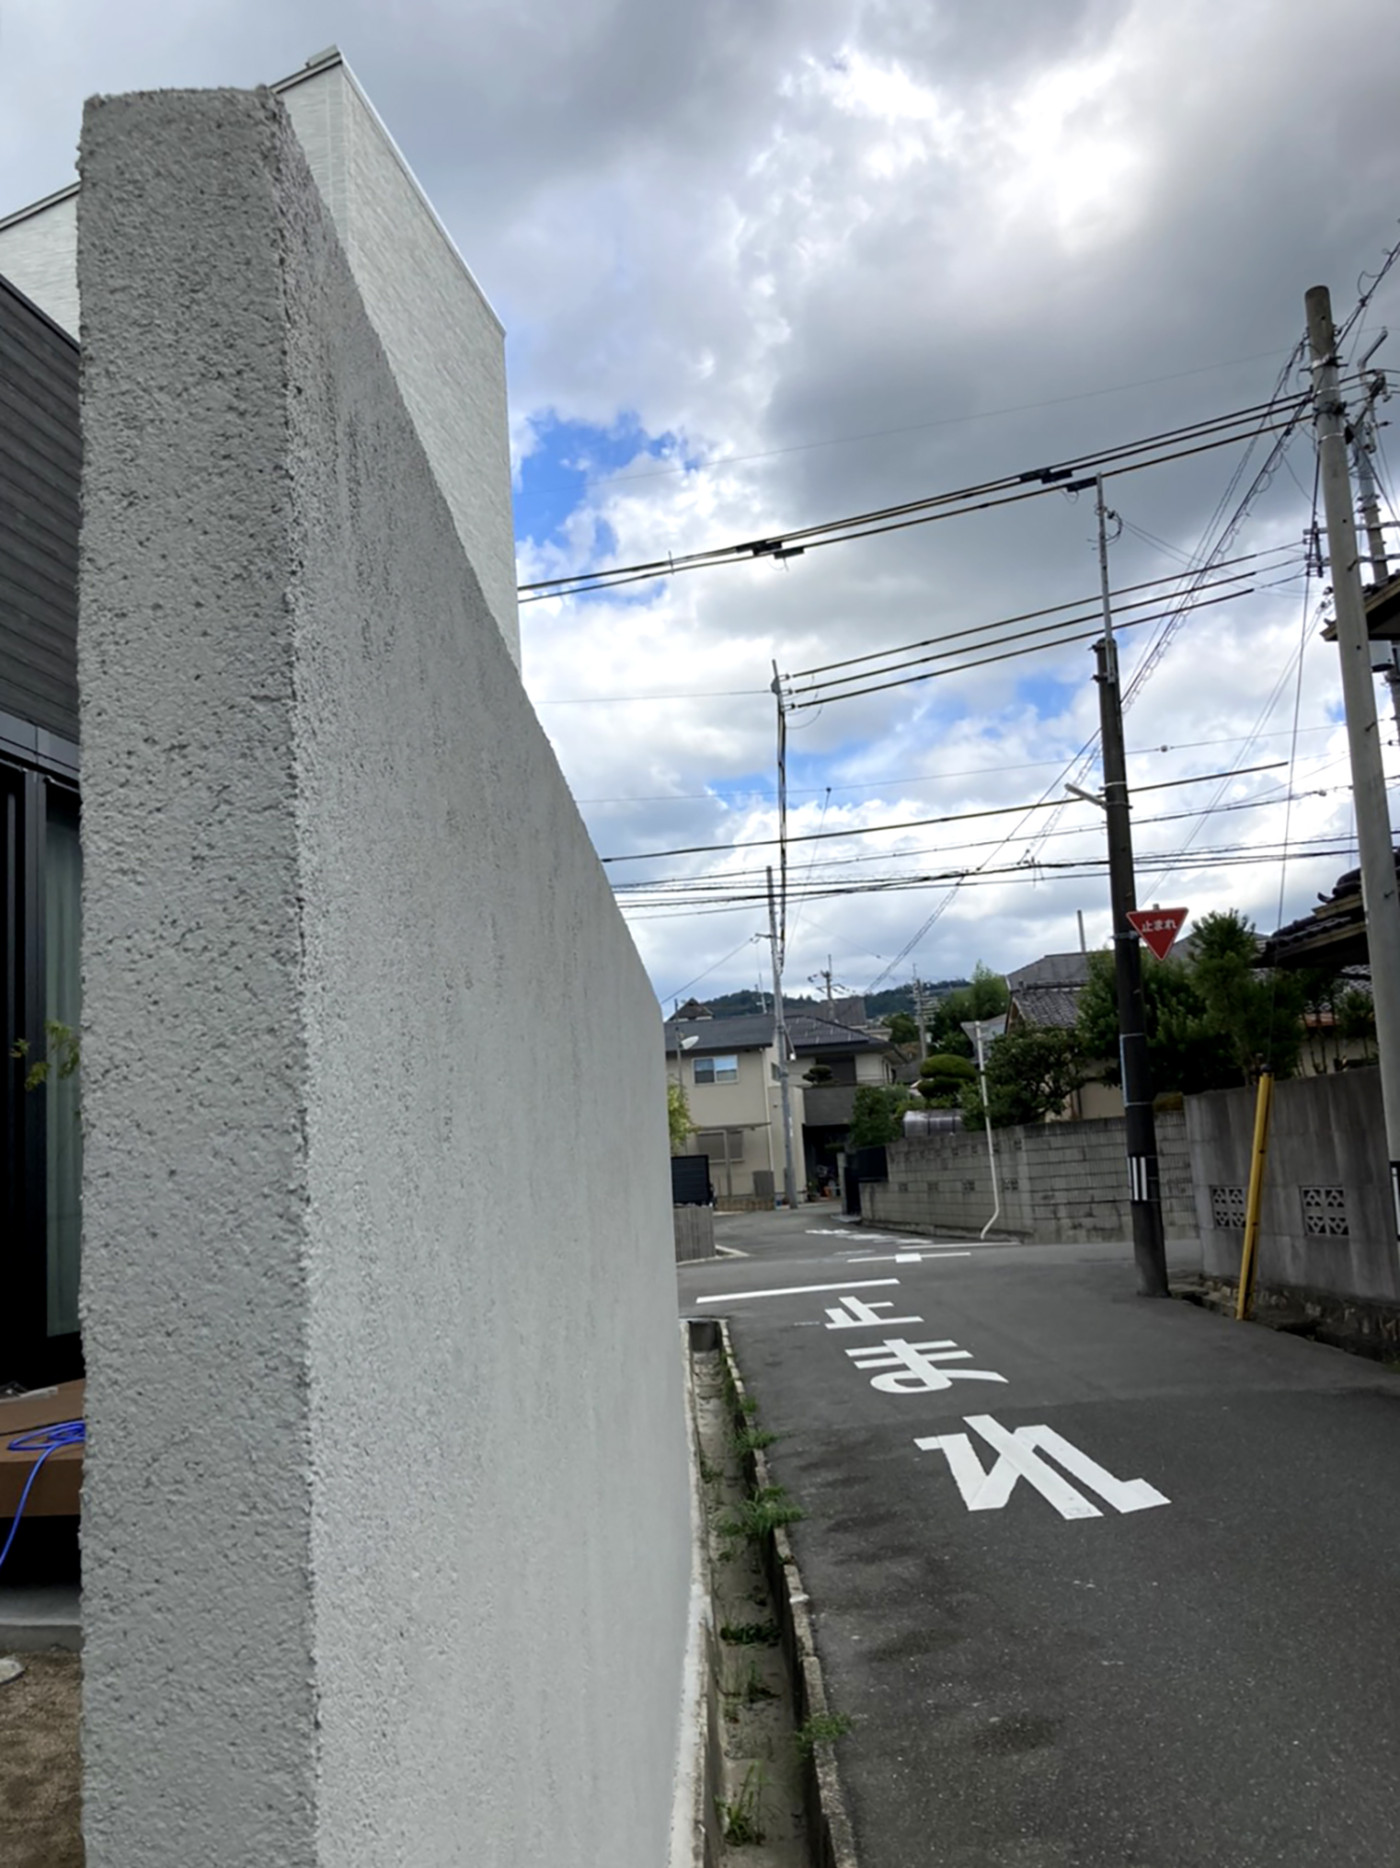 大阪府 株式会社 エイム グランドアートウォール施工イメージ3453_05